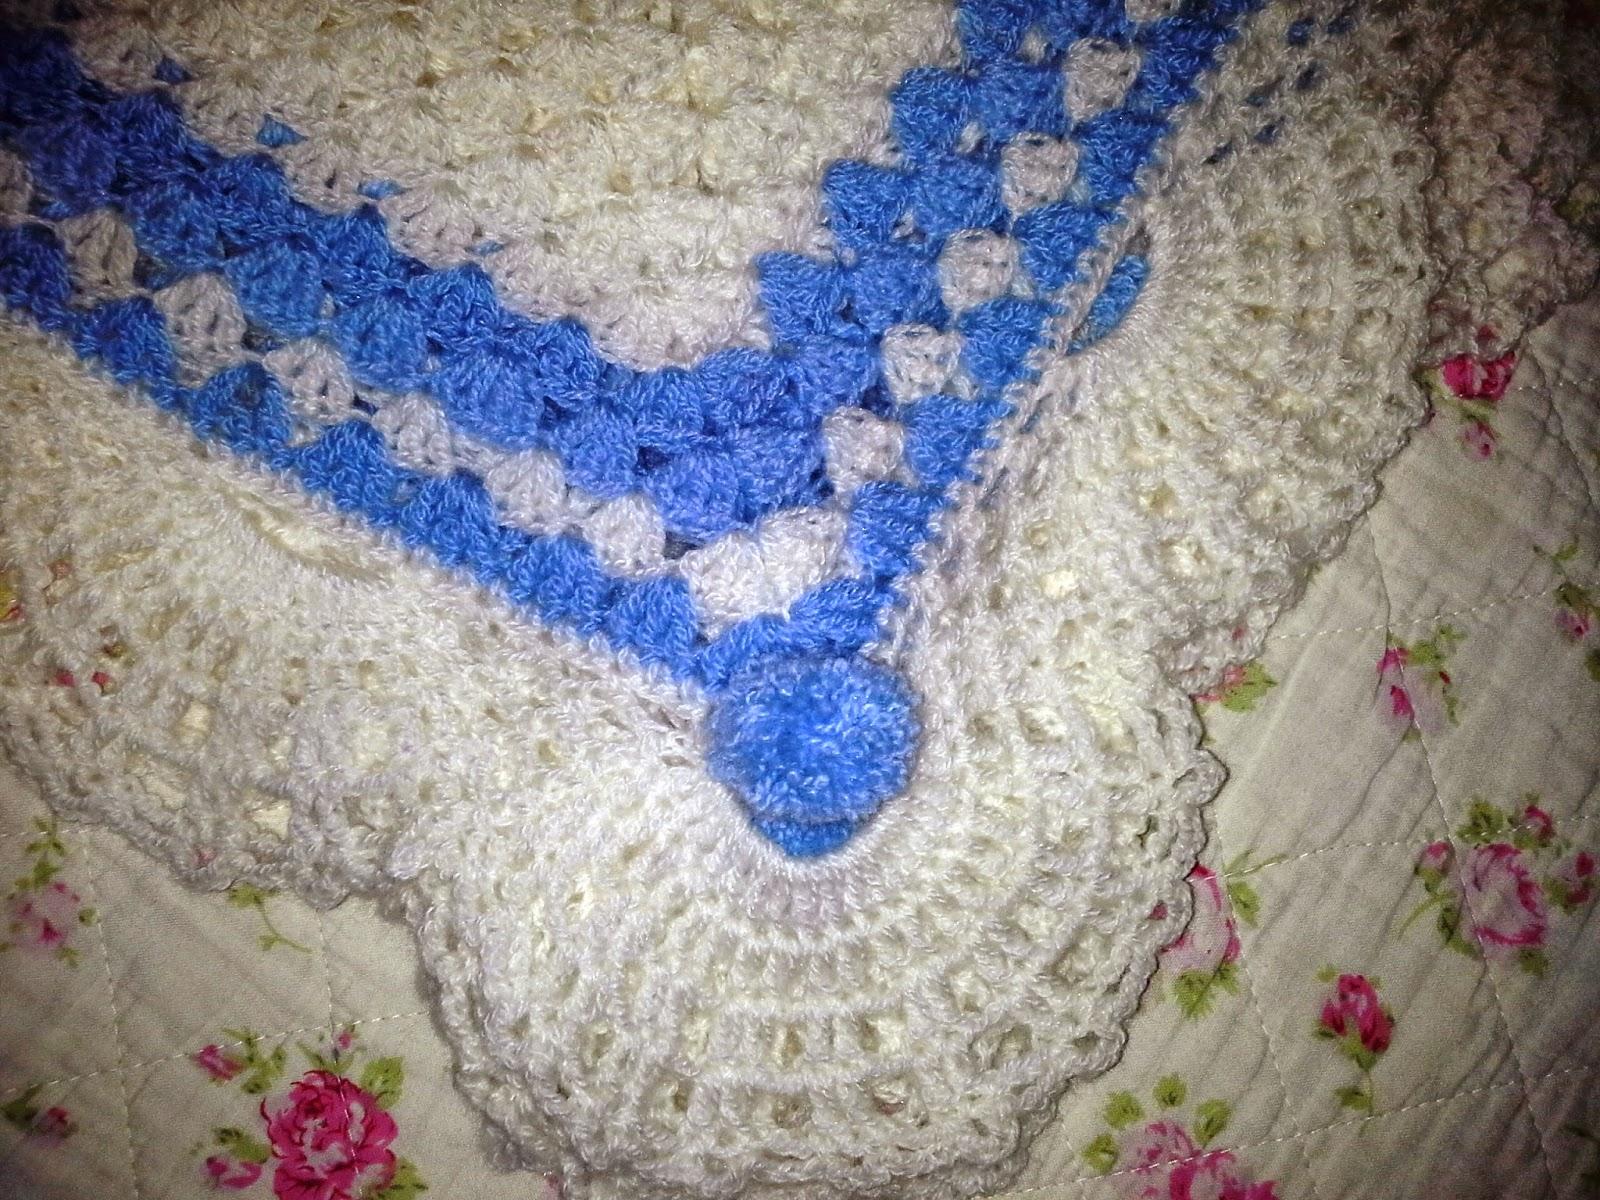 Melissa melina crochet couverture pour b b au crochet - Bordure de finition au crochet ...